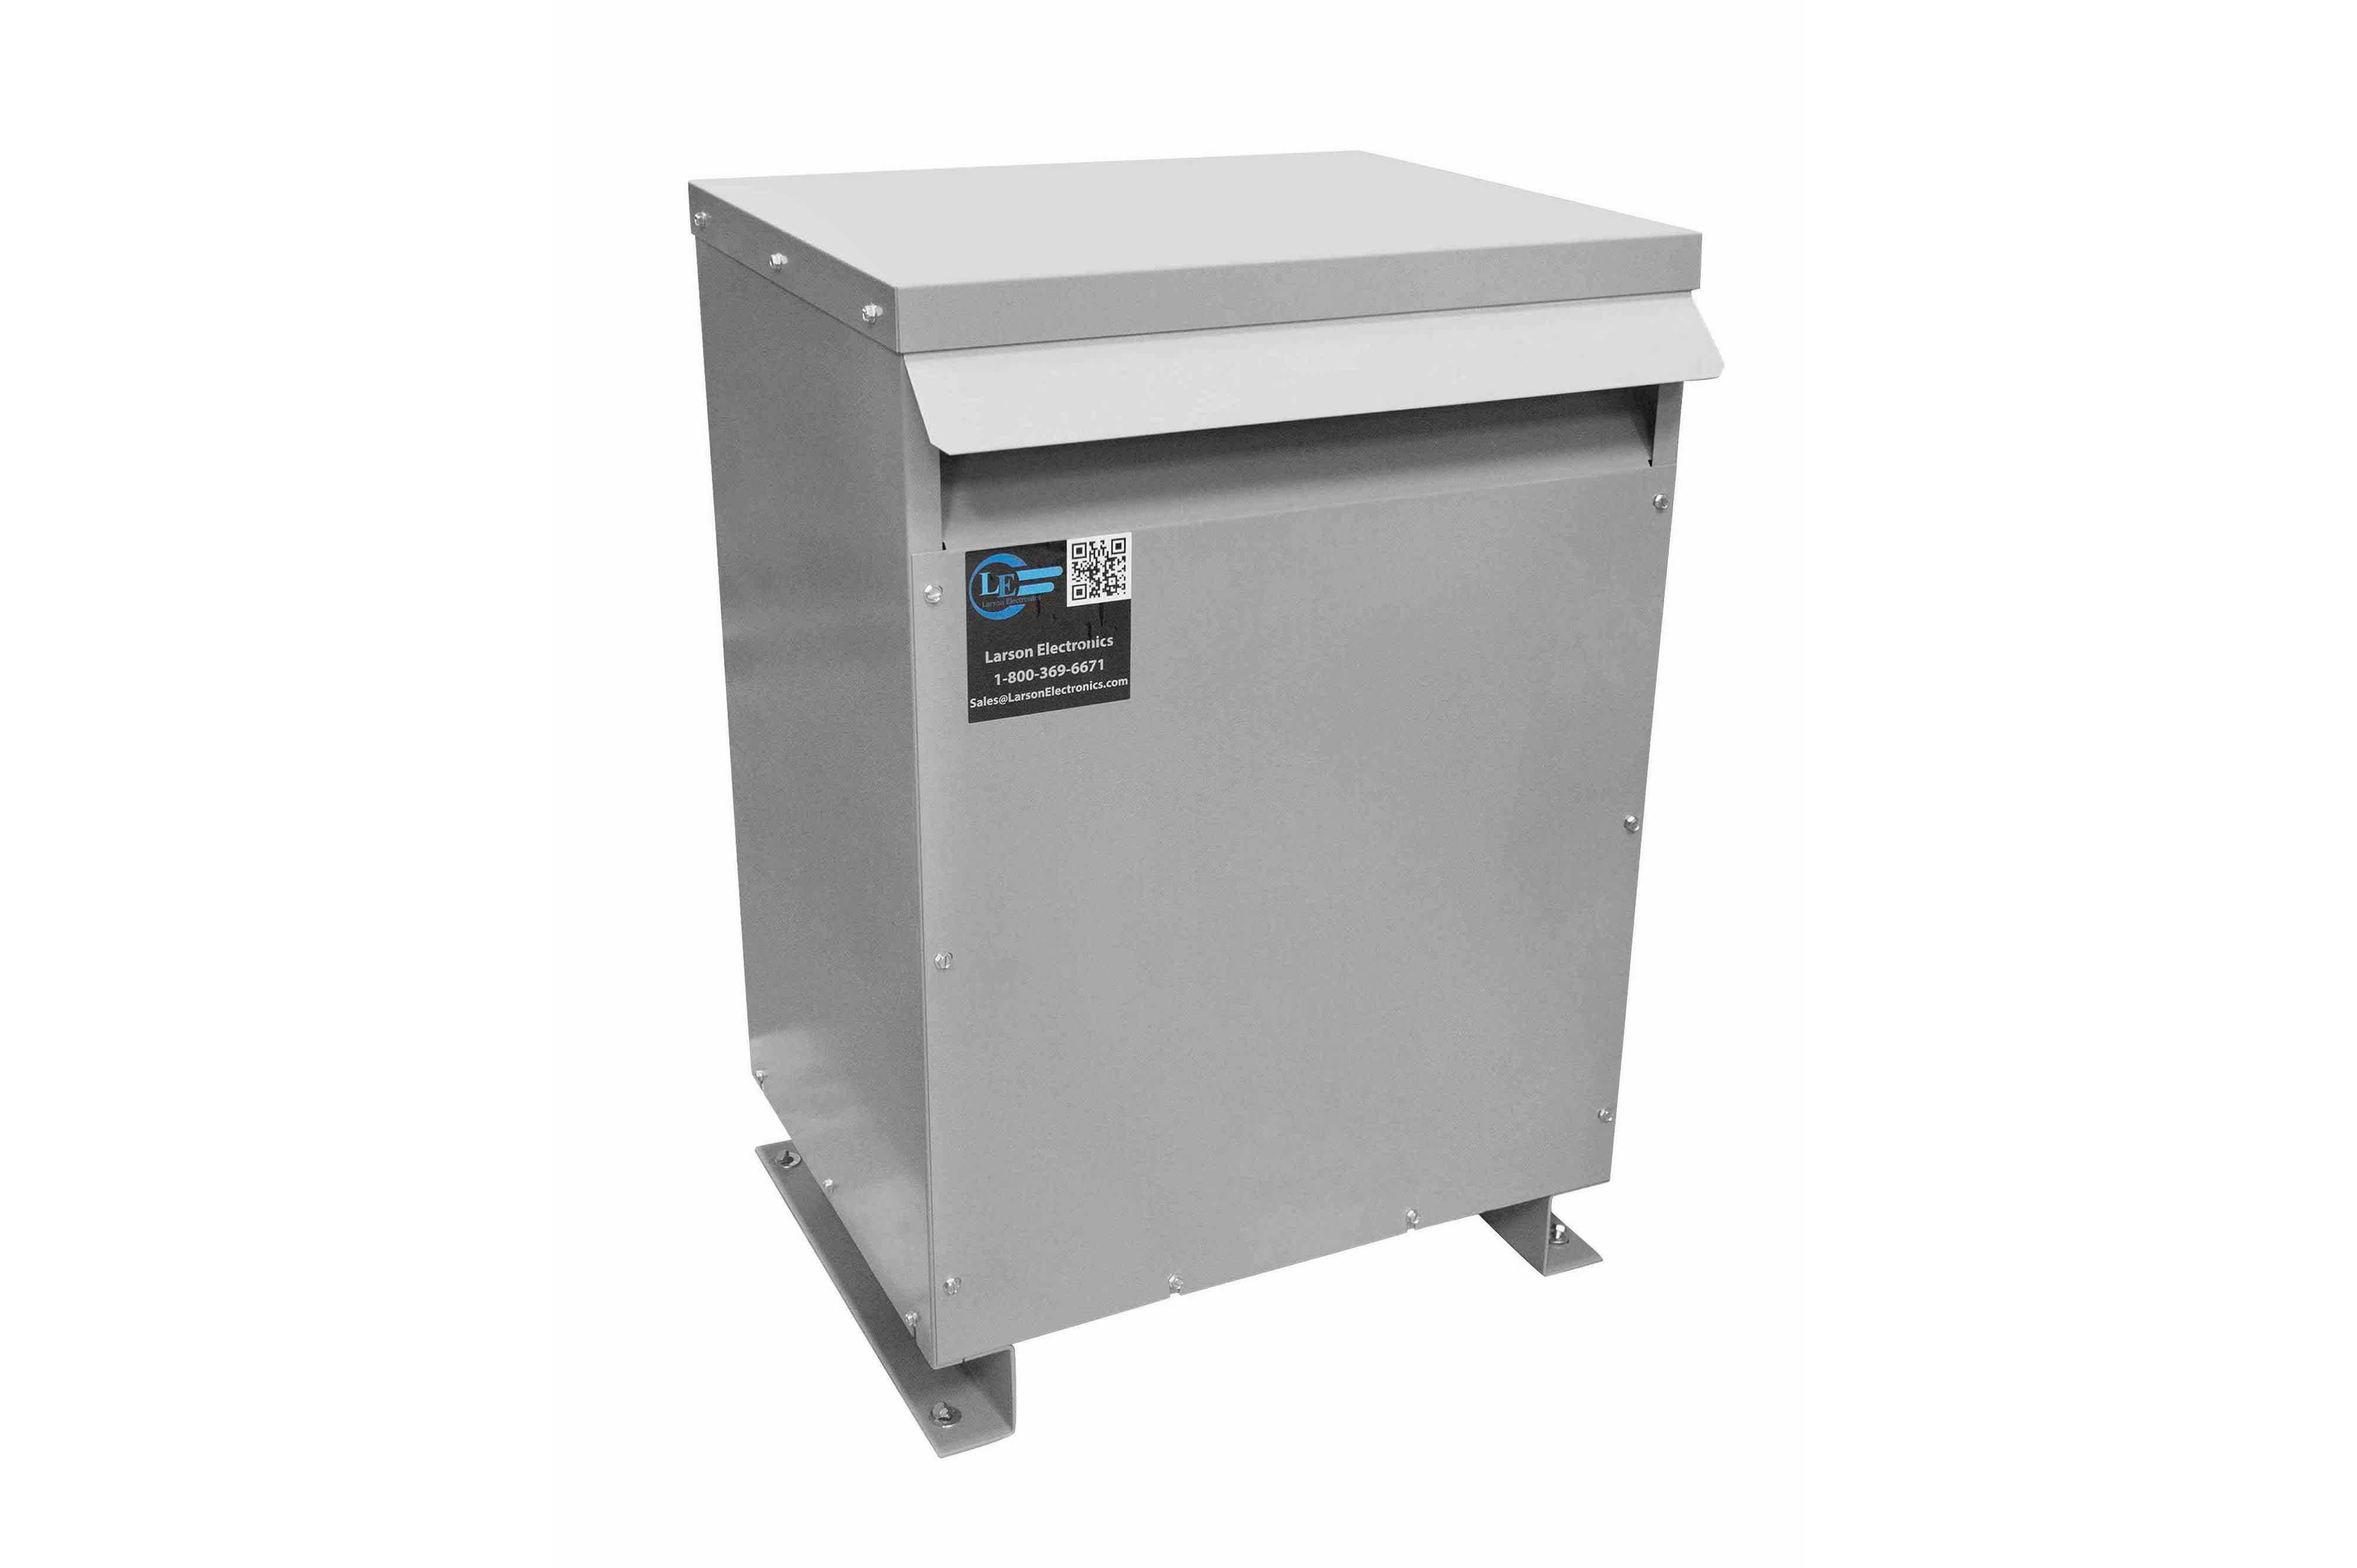 600 kVA 3PH Isolation Transformer, 208V Delta Primary, 600V Delta Secondary, N3R, Ventilated, 60 Hz